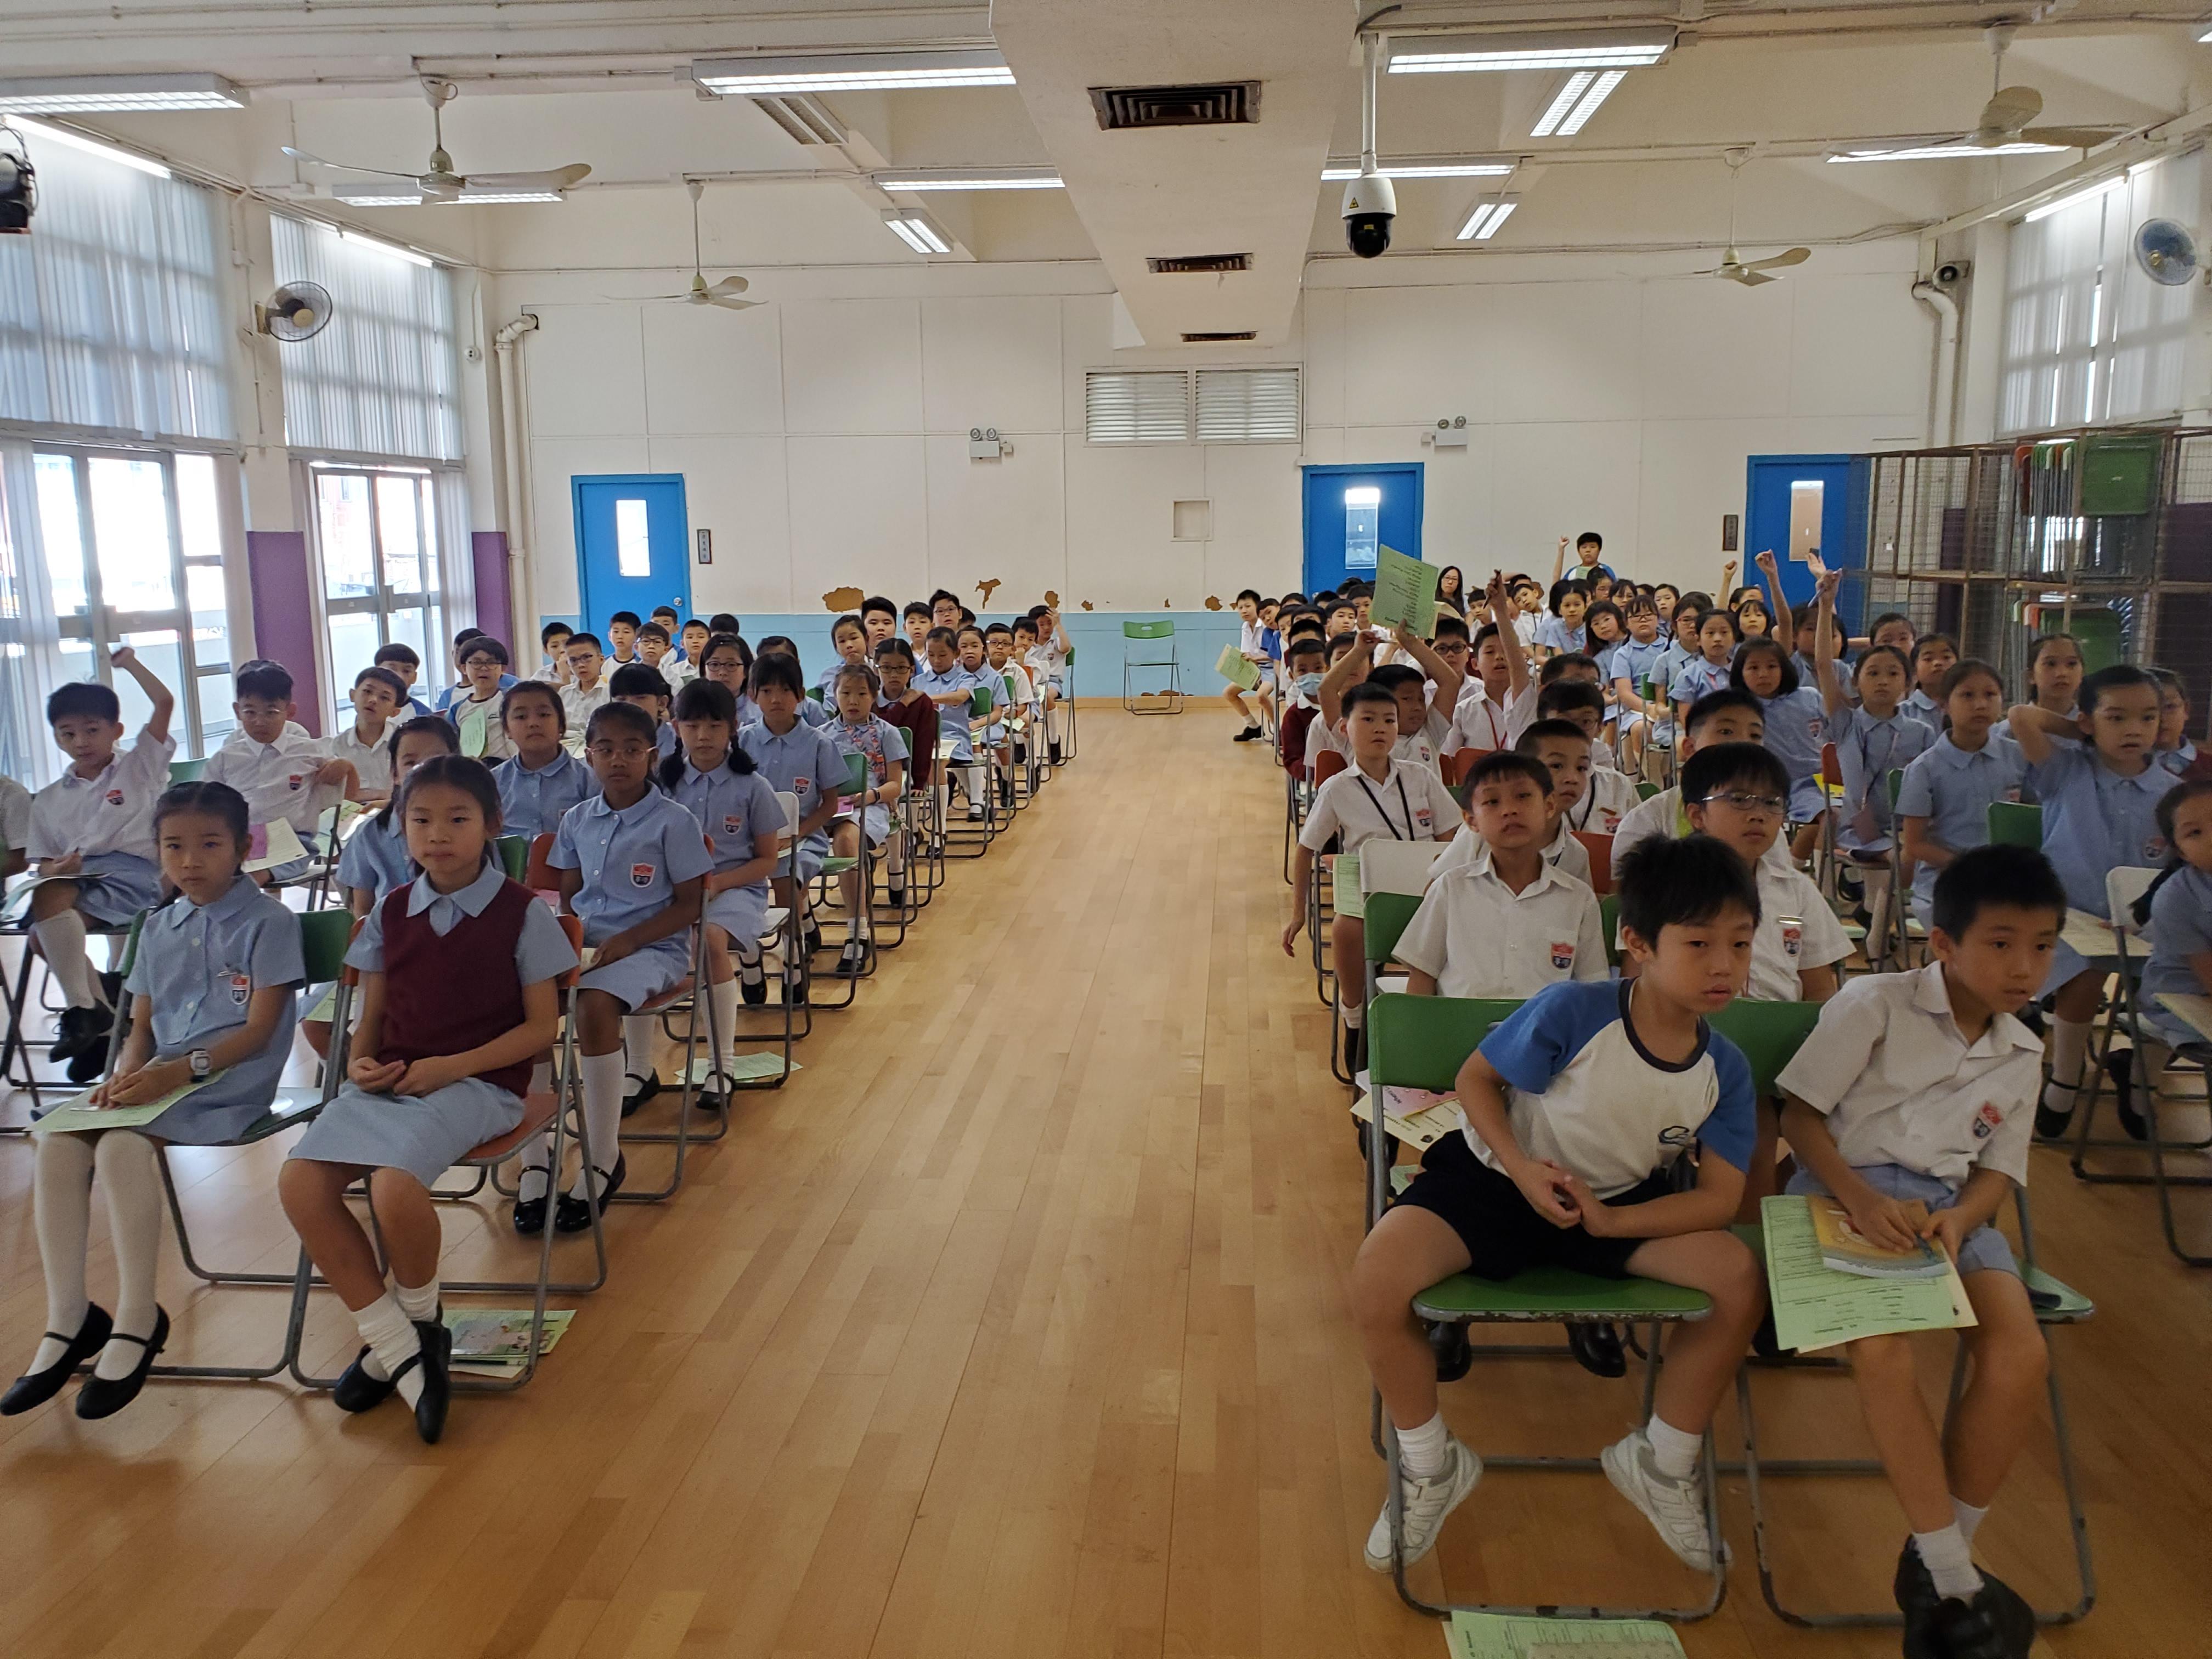 http://www.keiwan.edu.hk/sites/default/files/20191016_131508.jpg